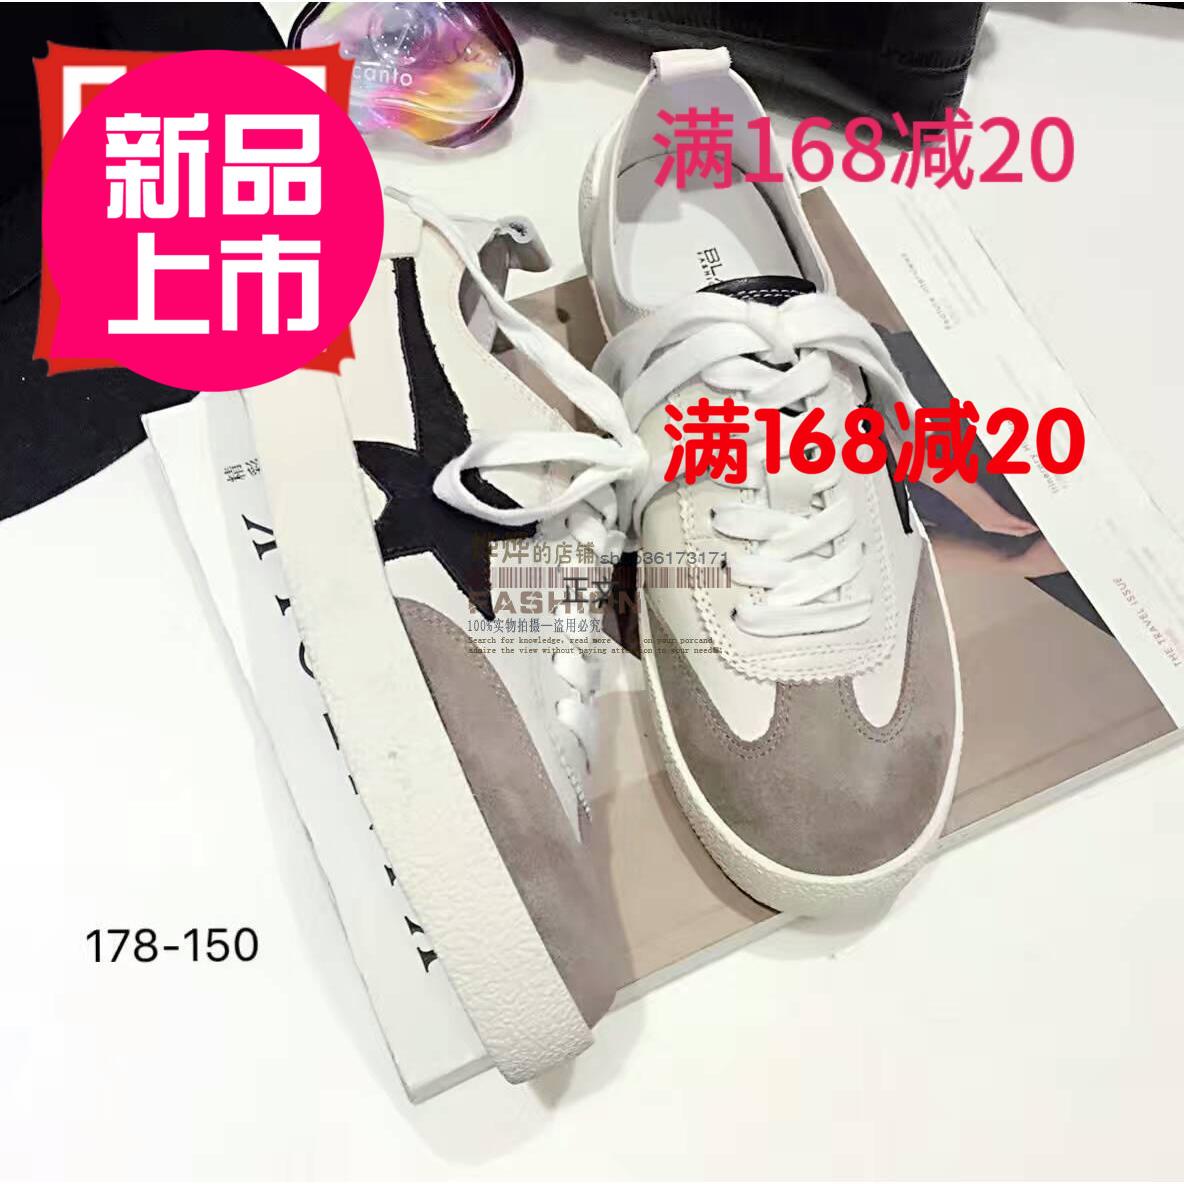 布兰卡迪牛皮新款欧货系带女鞋舒适英伦风休闲鞋正品板鞋178-150